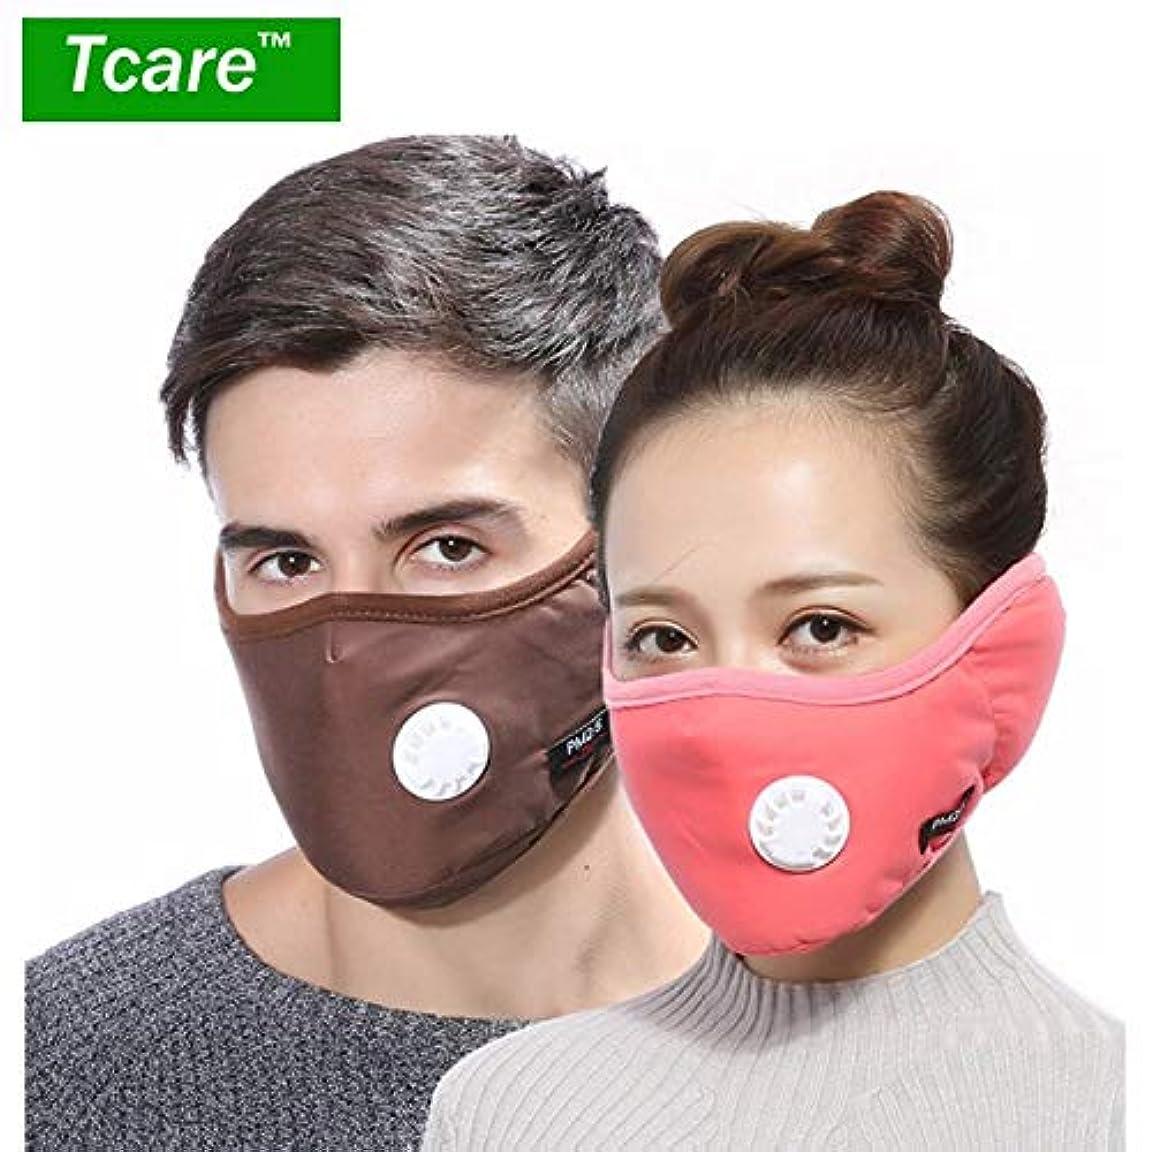 上下する連邦マウントバンク8ダークピンク:1 PM2.5マスクバルブコットンアンチダスト口マスクの冬のイヤーマフActtedフィルター付マスクでTcare 2